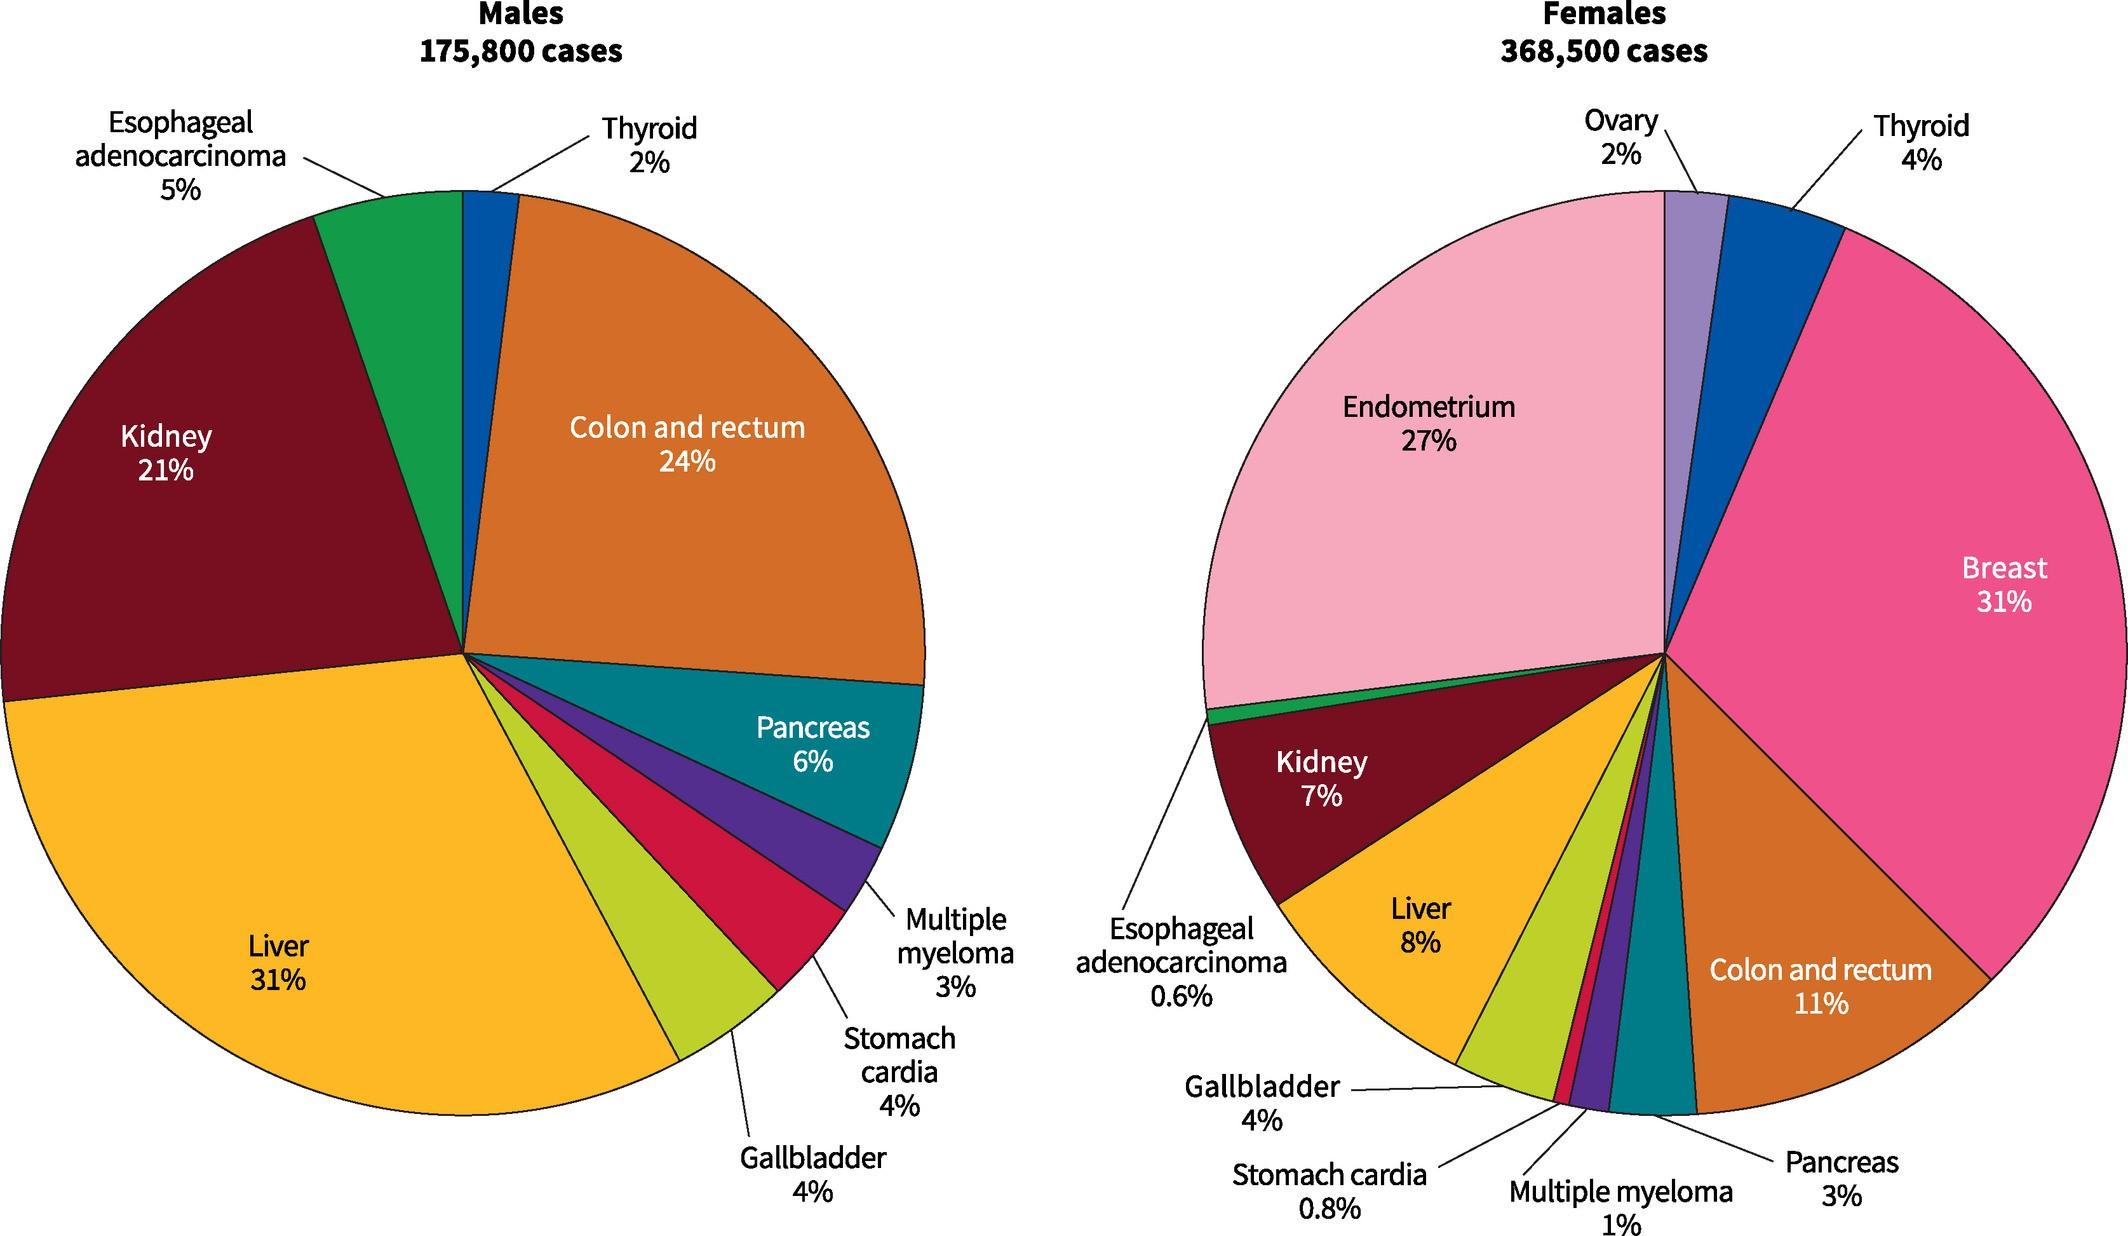 充分证据显示13种癌症与肥胖高度相关